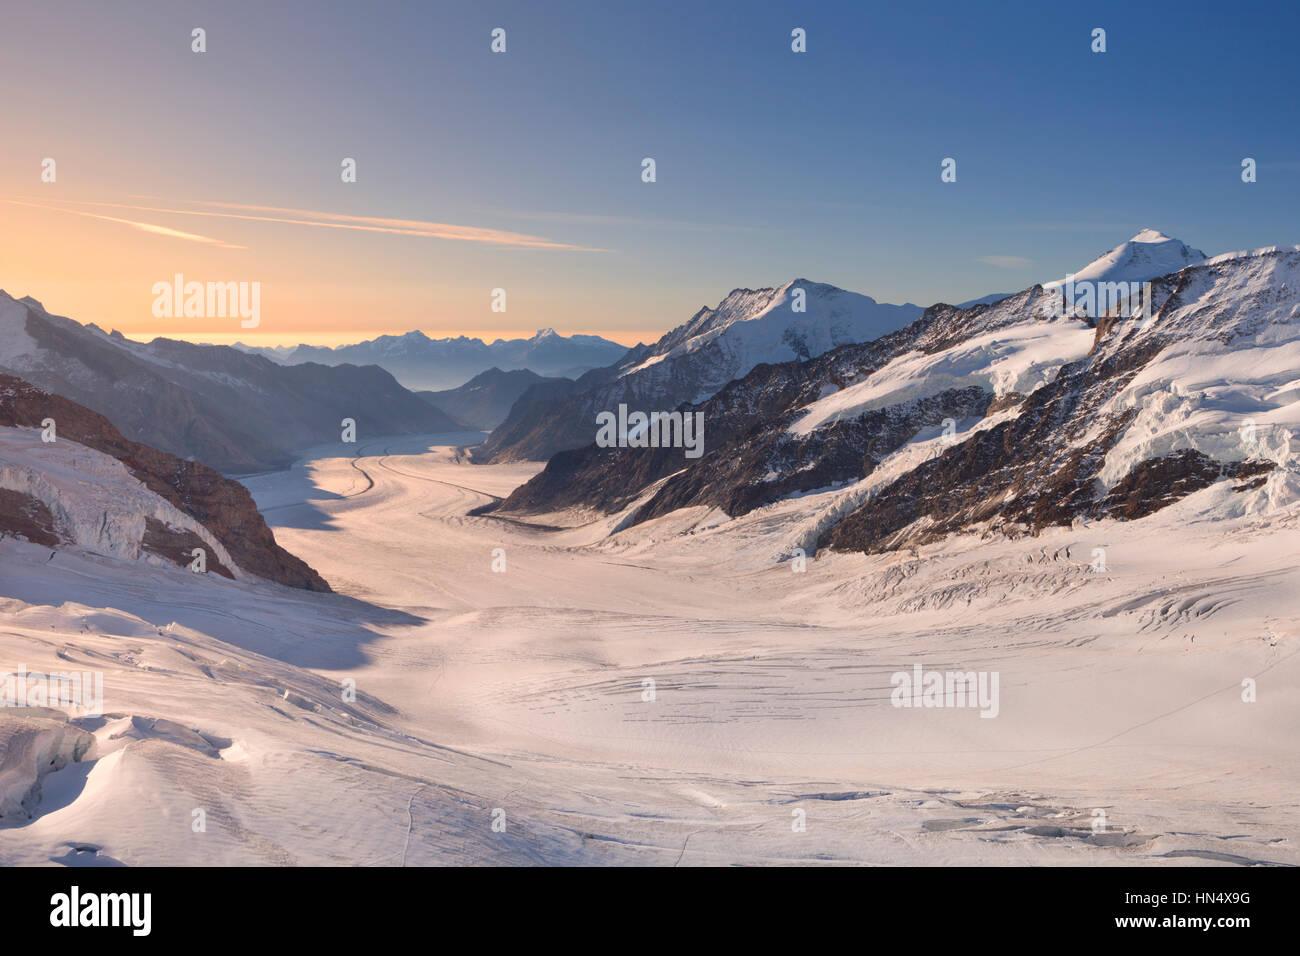 Sonnenaufgang über dem Aletschgletscher vom Jungfraujoch in der Schweiz an einem klaren Morgen. Stockbild